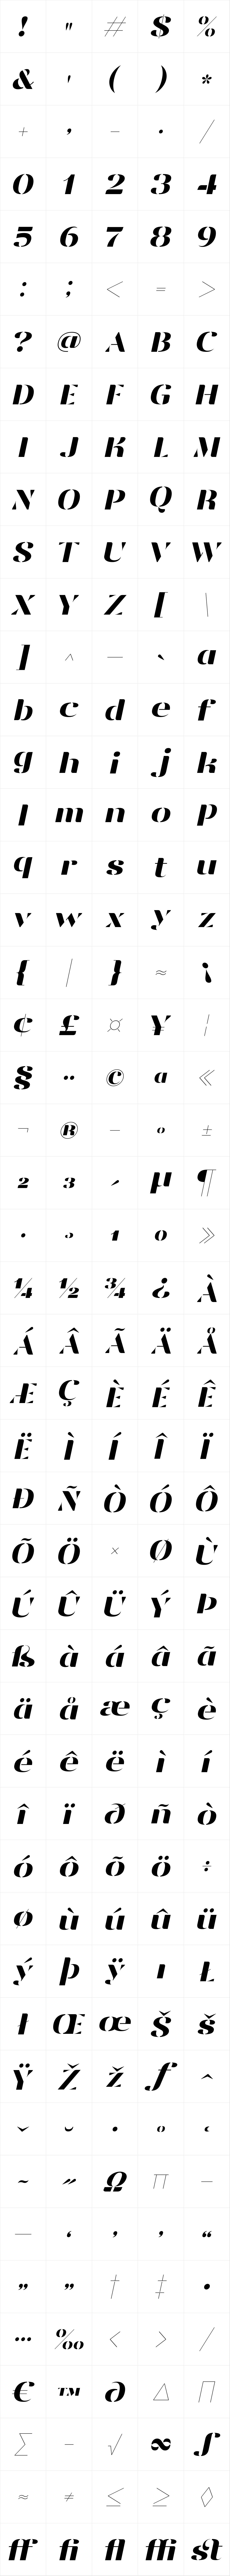 Vanage SemiBold Italic